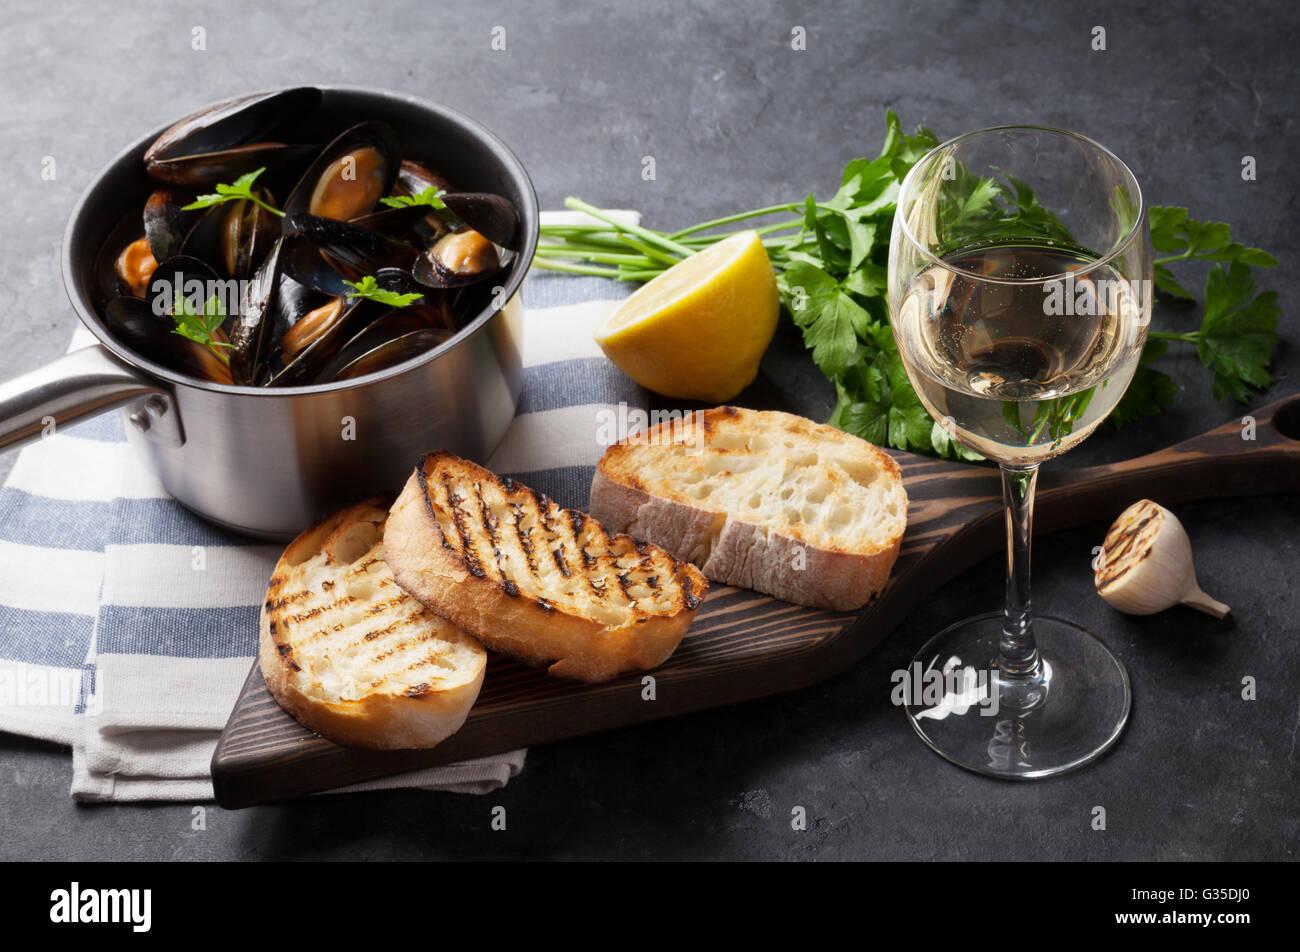 Mejillones en olla de cobre, tostadas de pan y de vino blanco sobre la mesa de piedra. Centrarse en la copa de vino Foto de stock